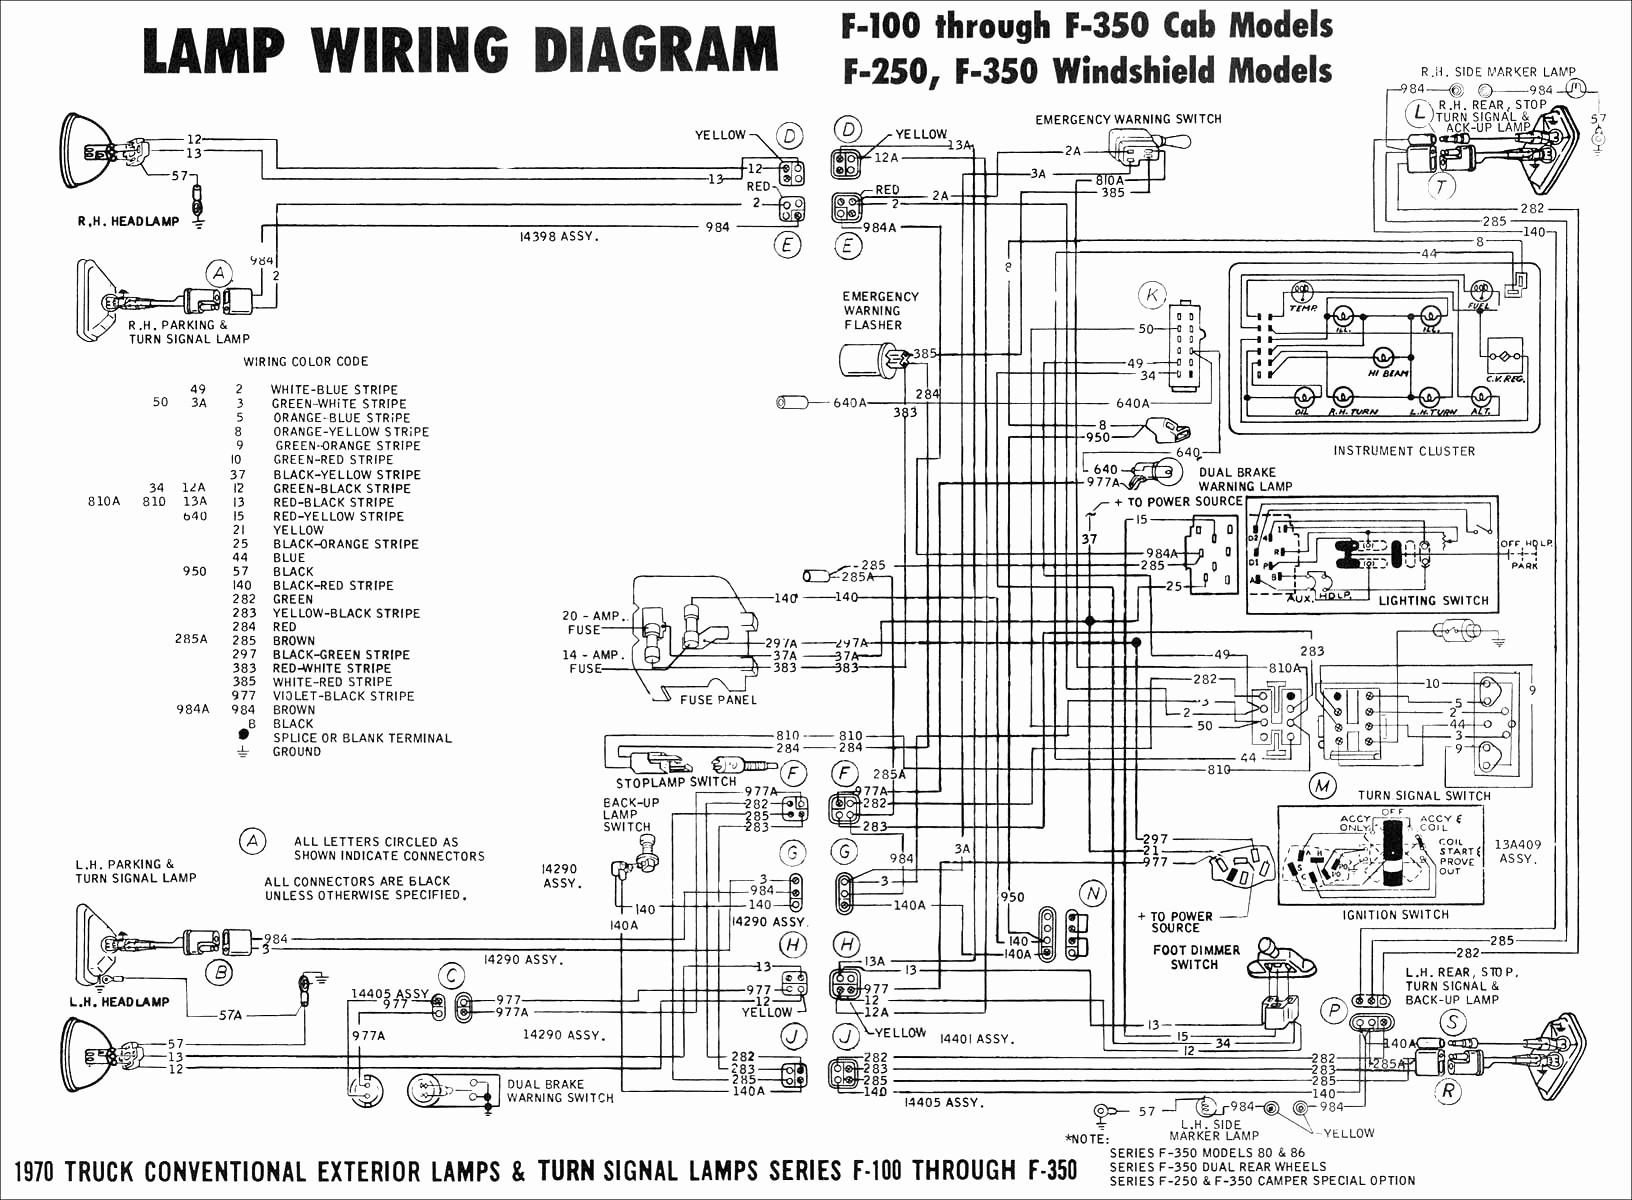 nutone wiring diagram 9905